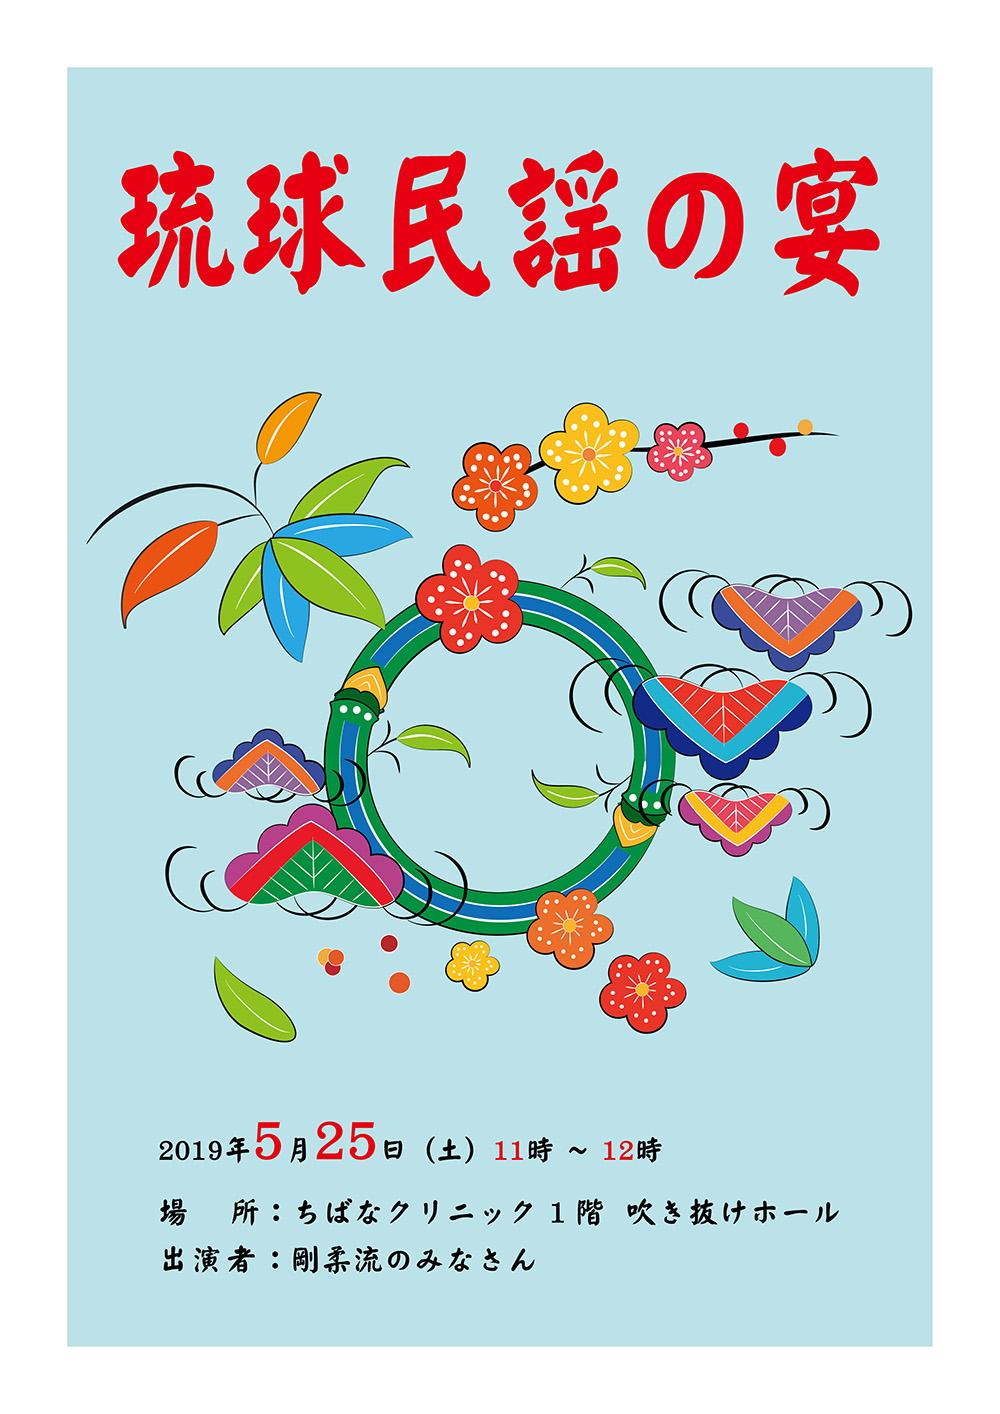 院内コンサート「琉球民謡の宴」